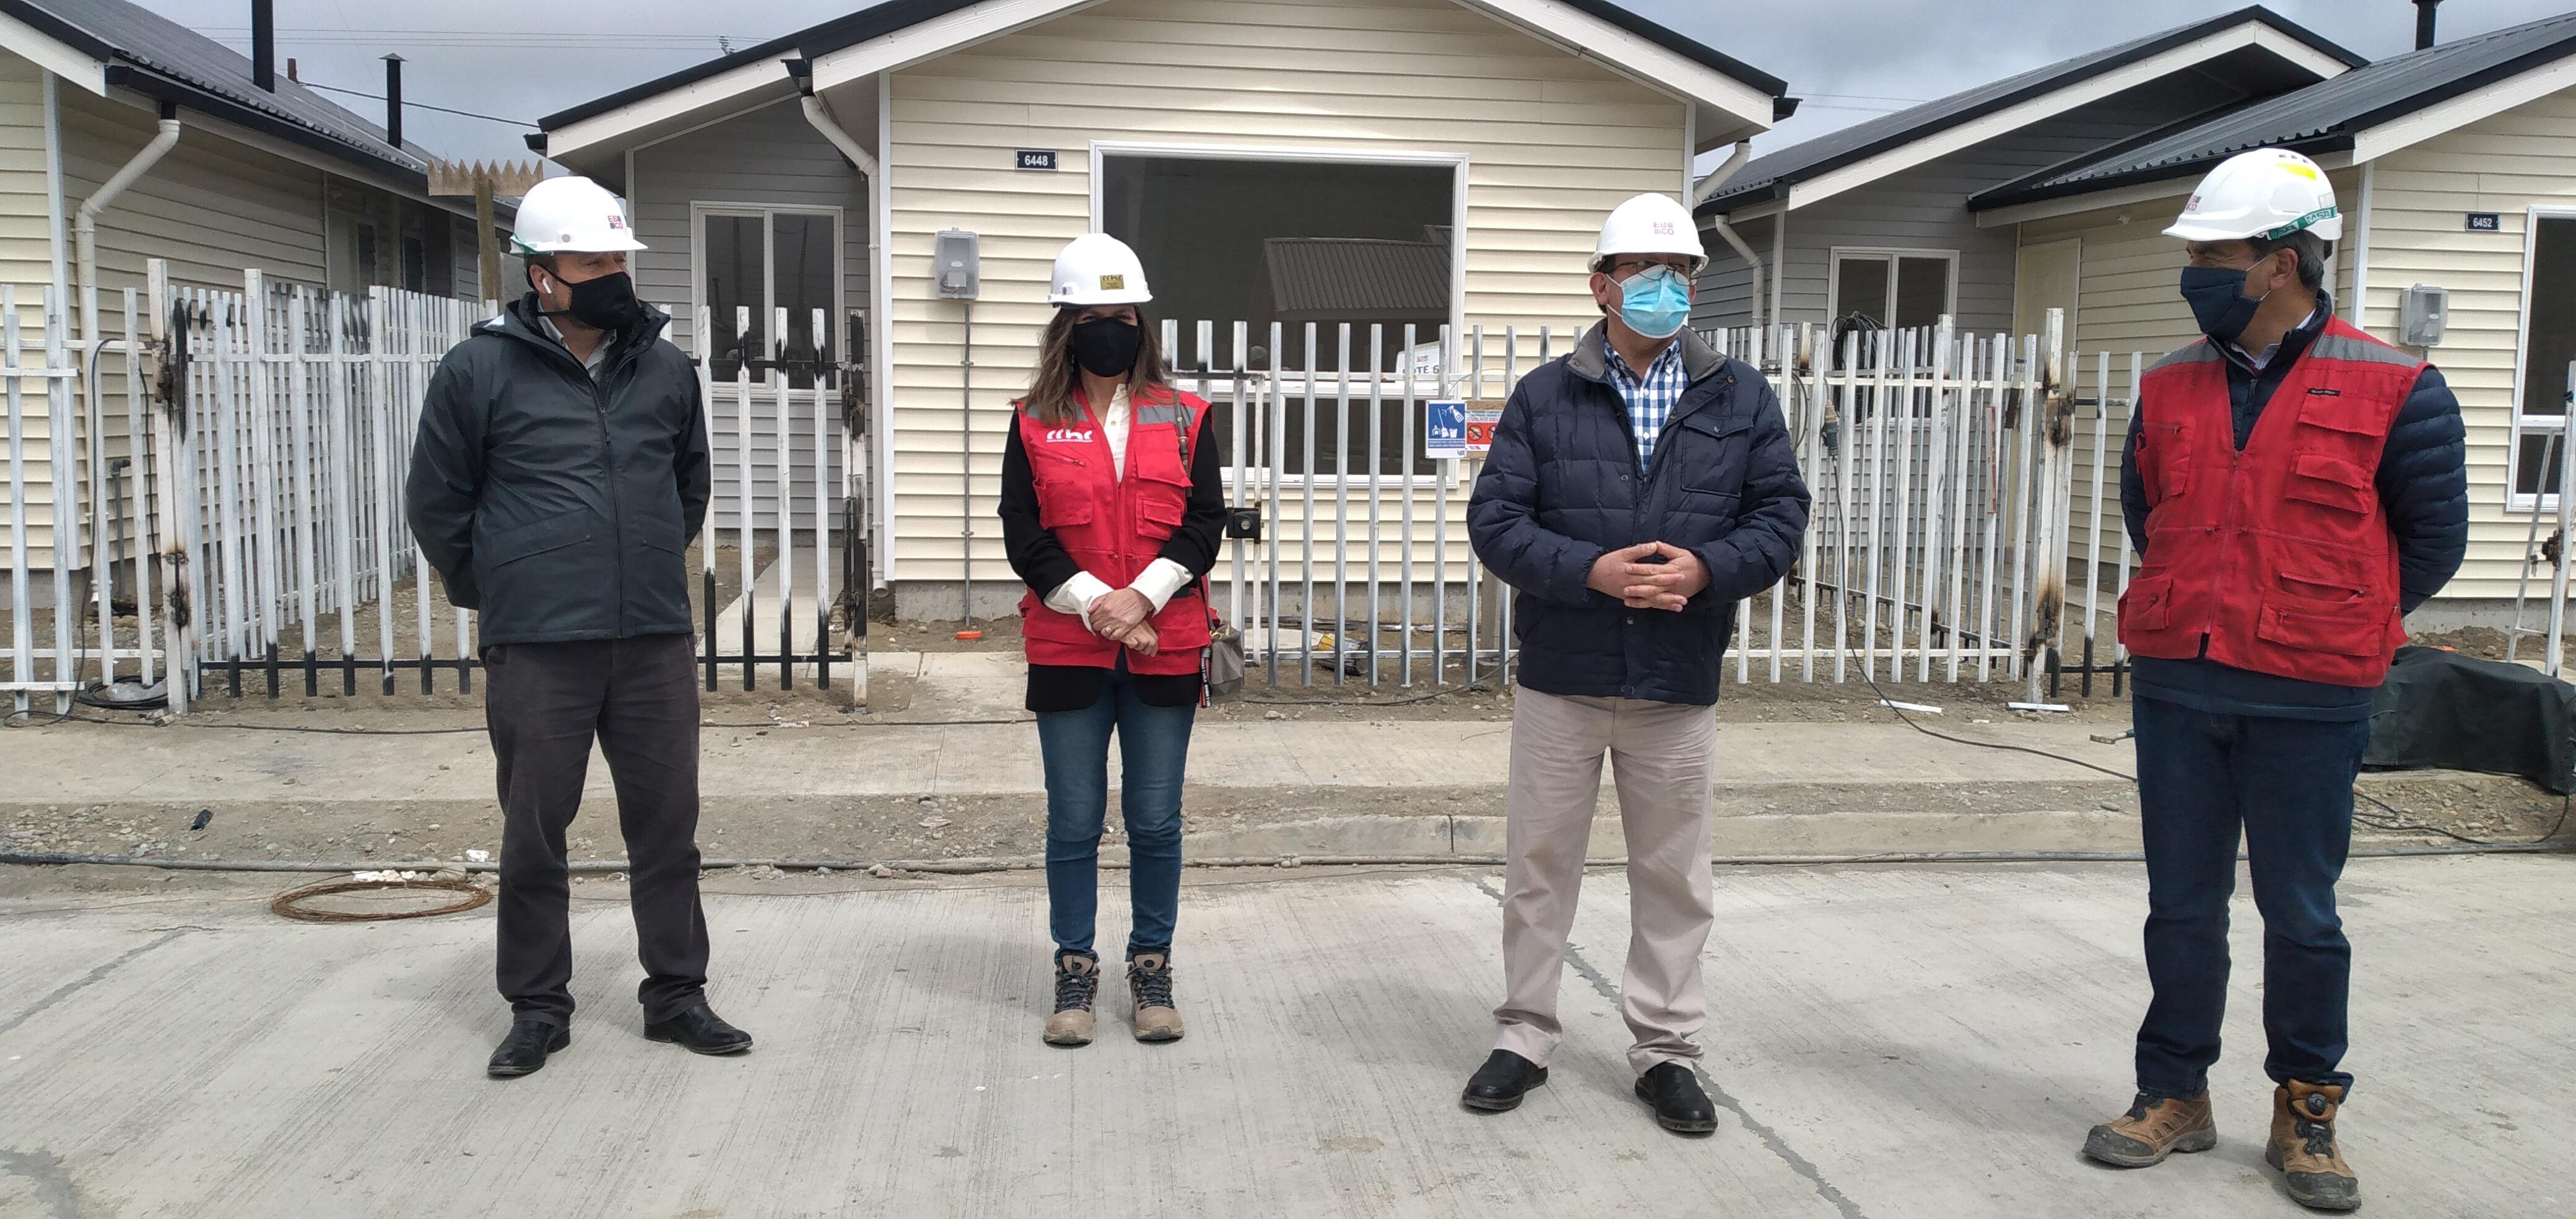 ALCALDE DE PUERTO MONTT VISITA OBRA PARA CONOCER IMPLEMENTACIÓN DE PROTOCOLOS SANITARIOS EN TERRENO noticias